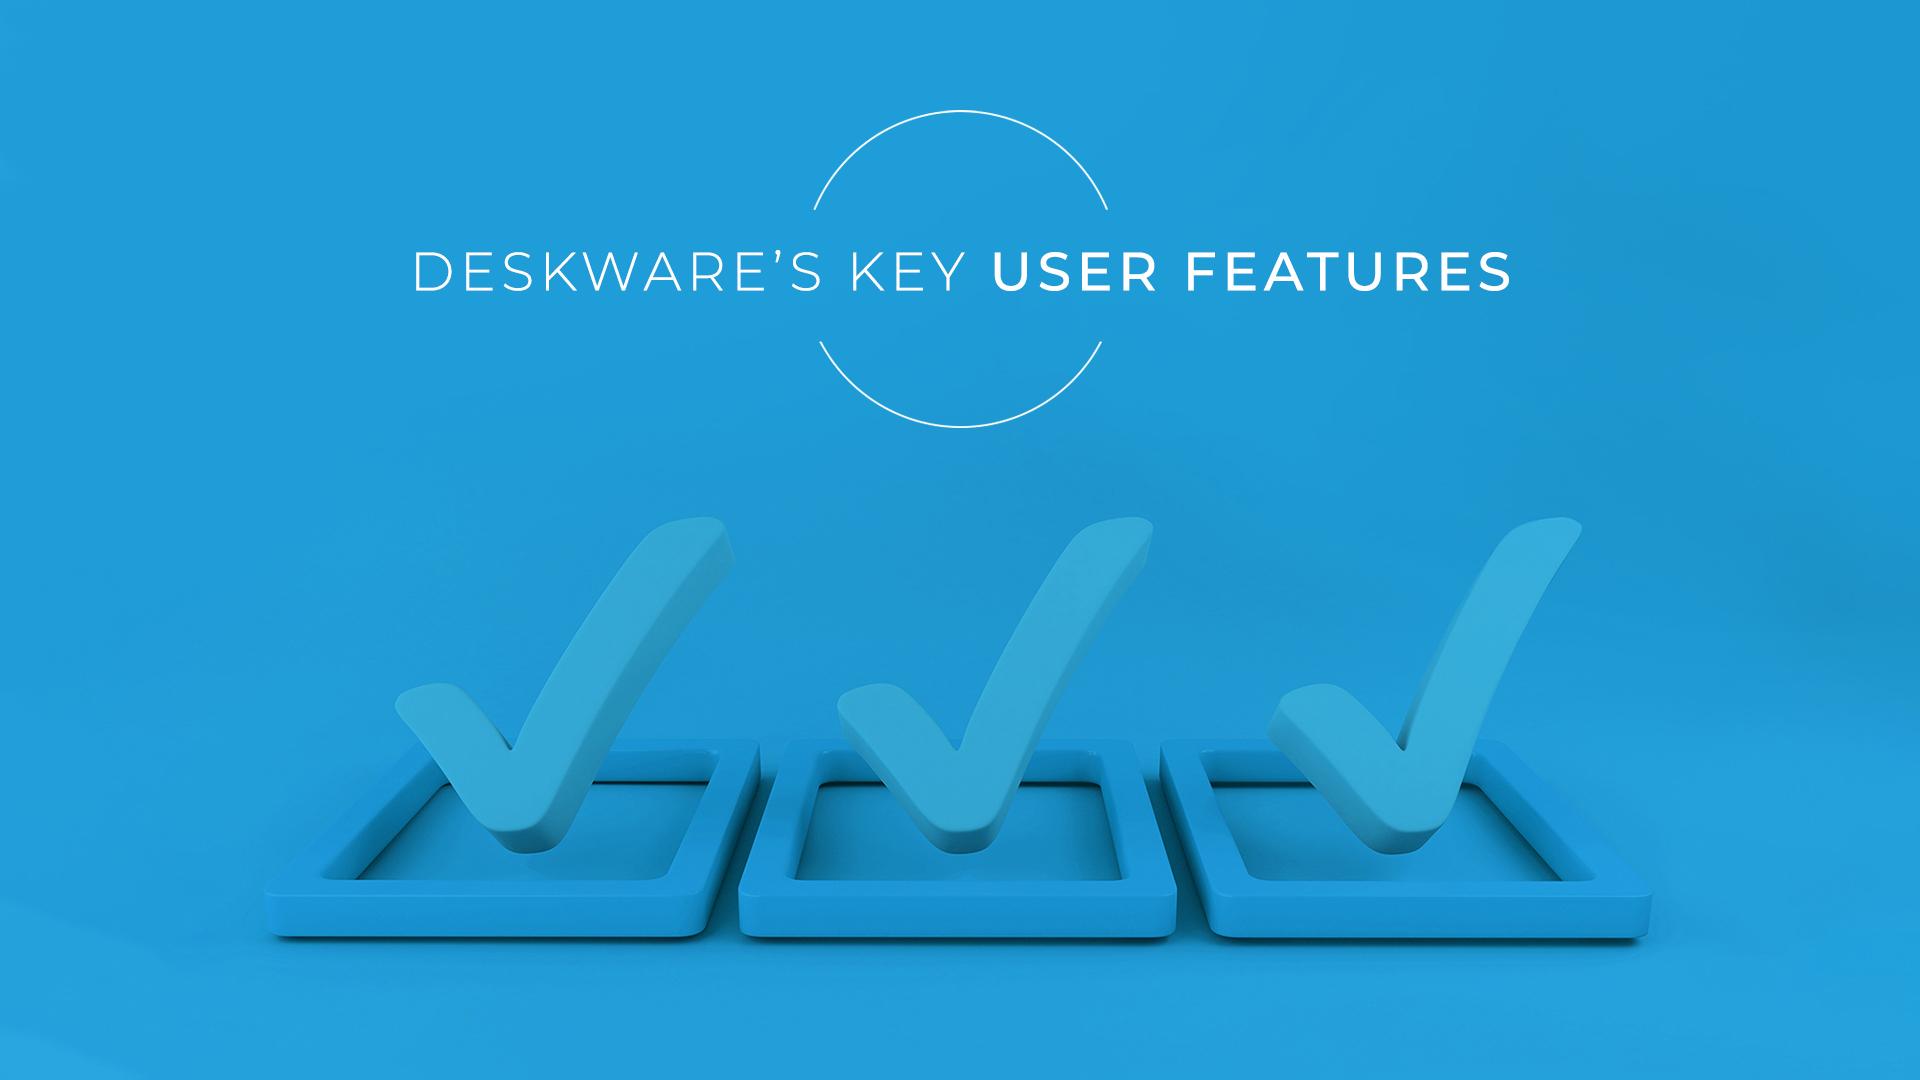 Deskware's Key User Features